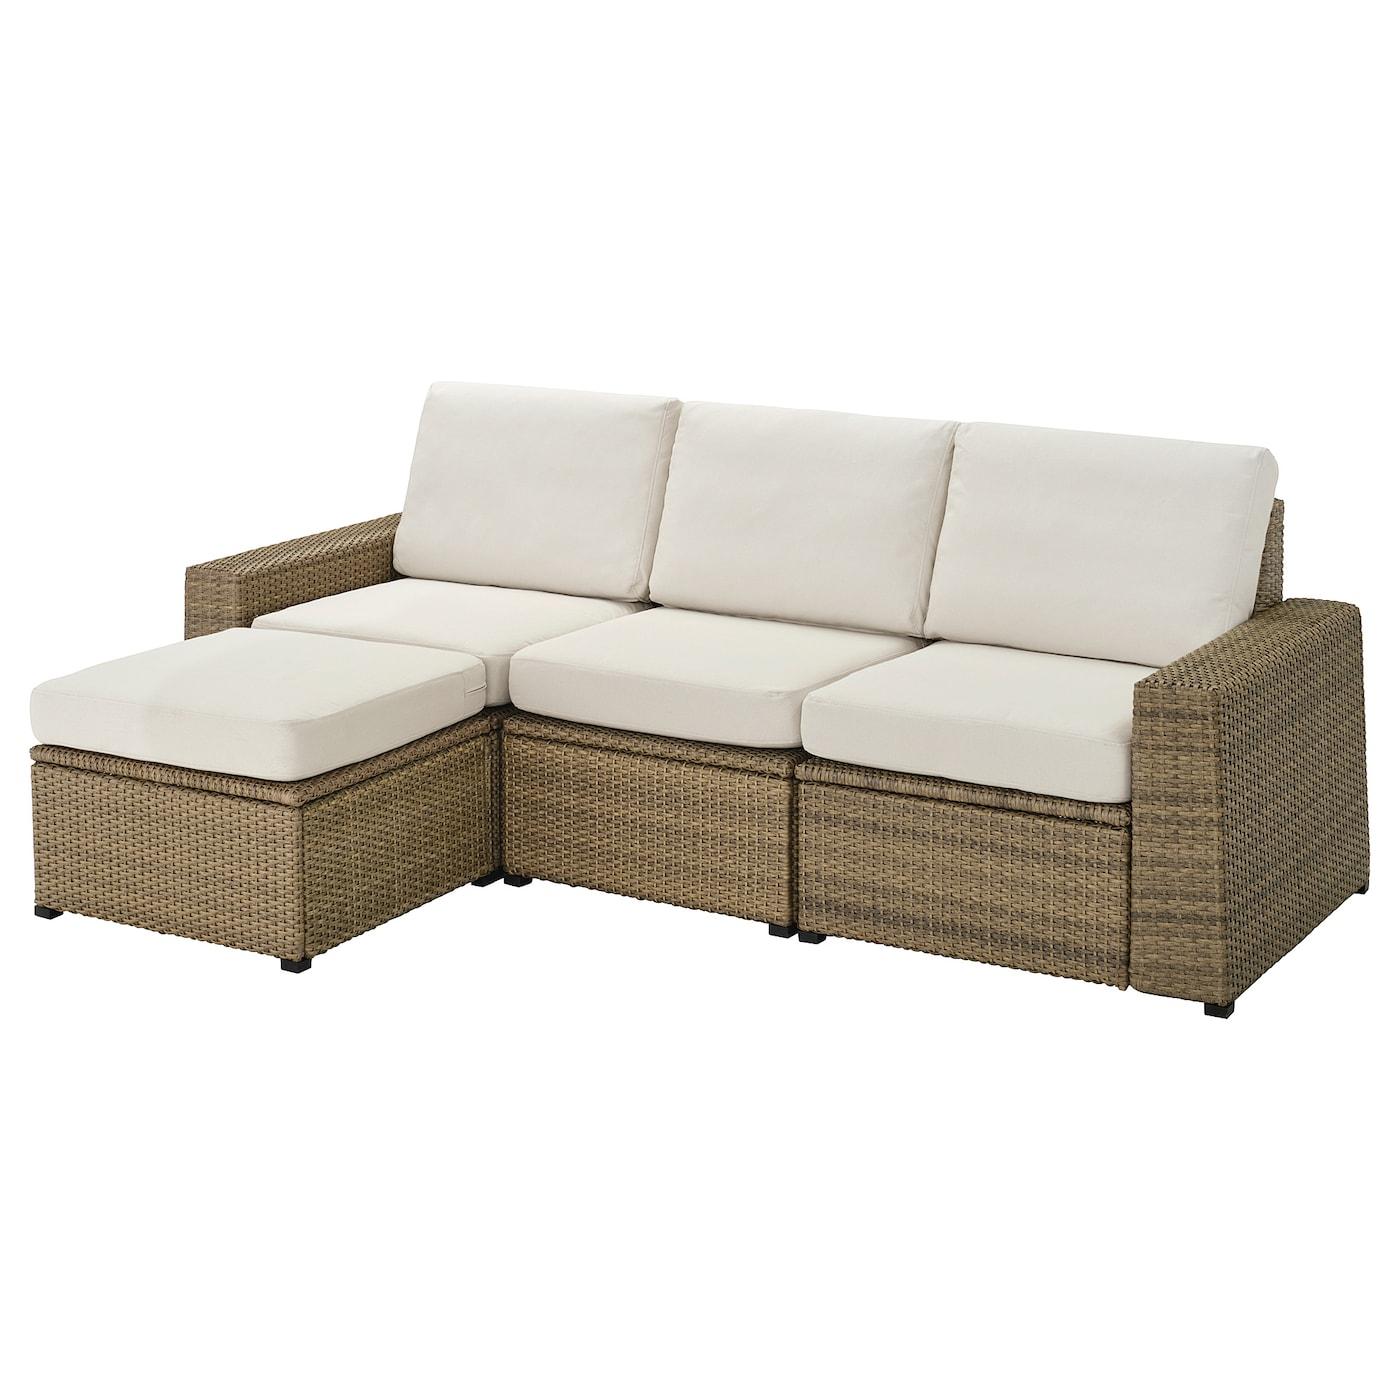 SollerÖn 3 Seat Modular Sofa Outdoor